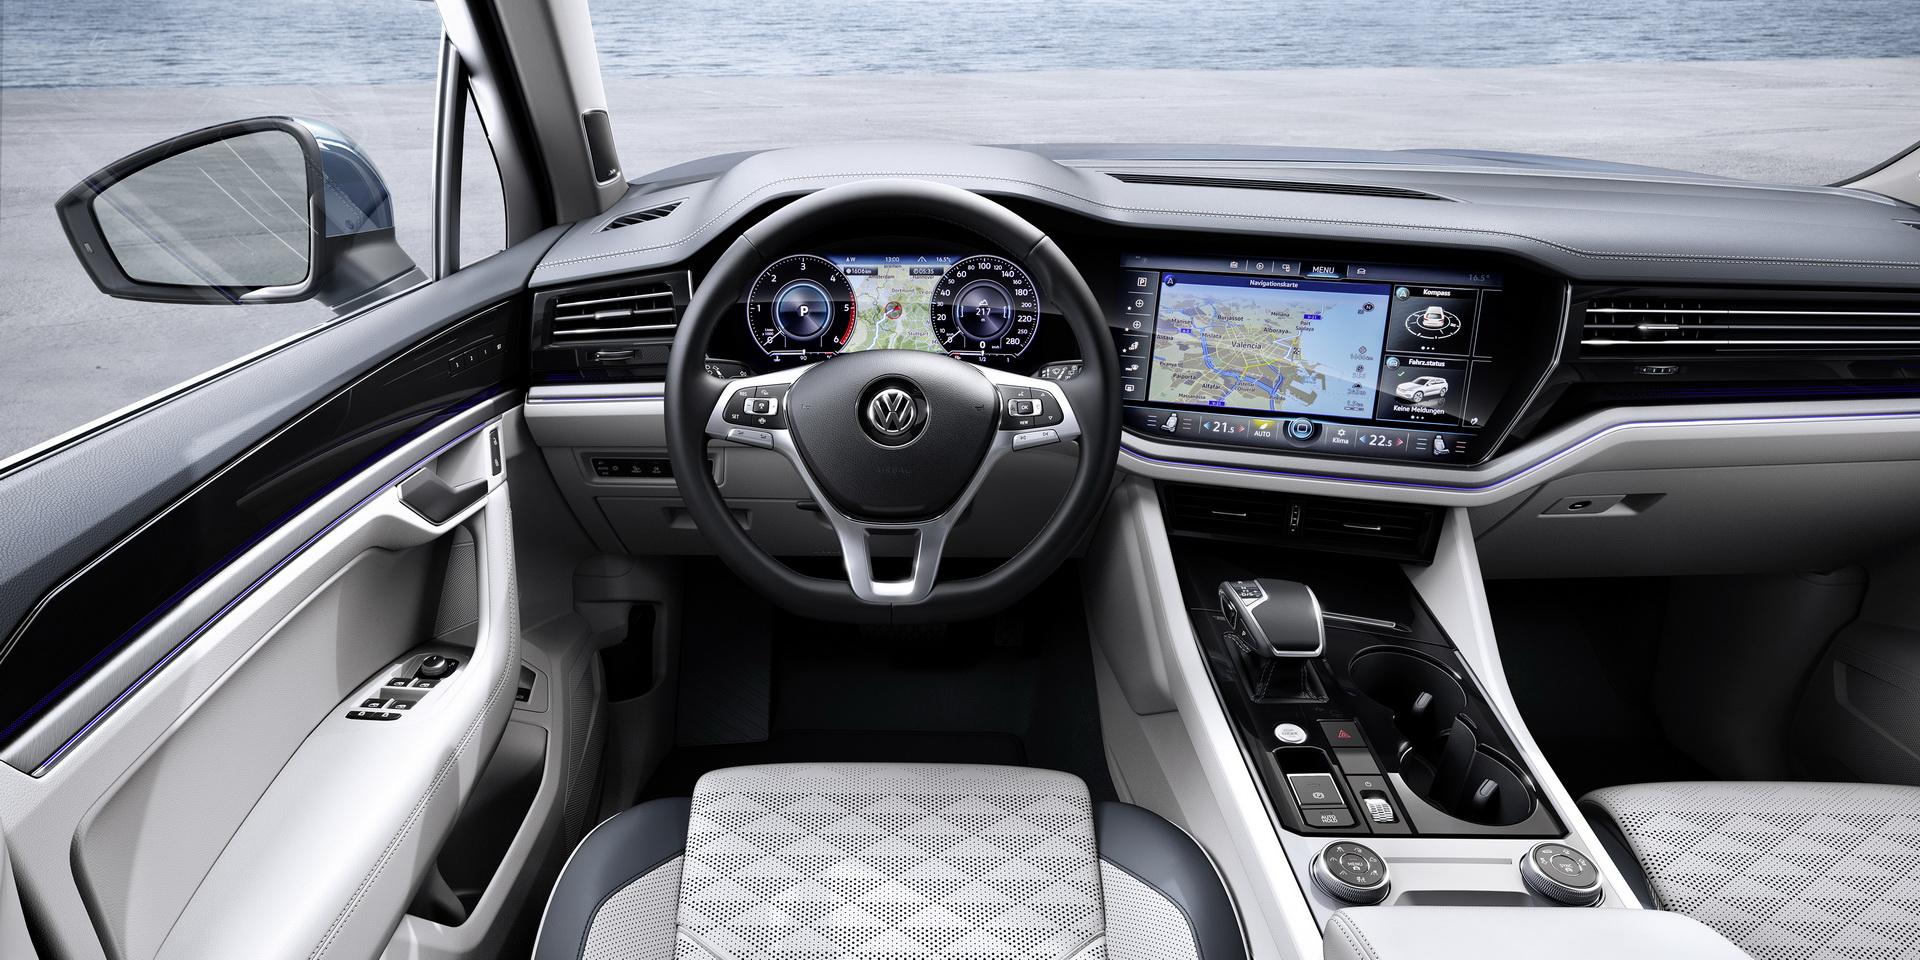 Novo Volkswagen Touareg Mais Luxuoso E Muito Equipado Automais